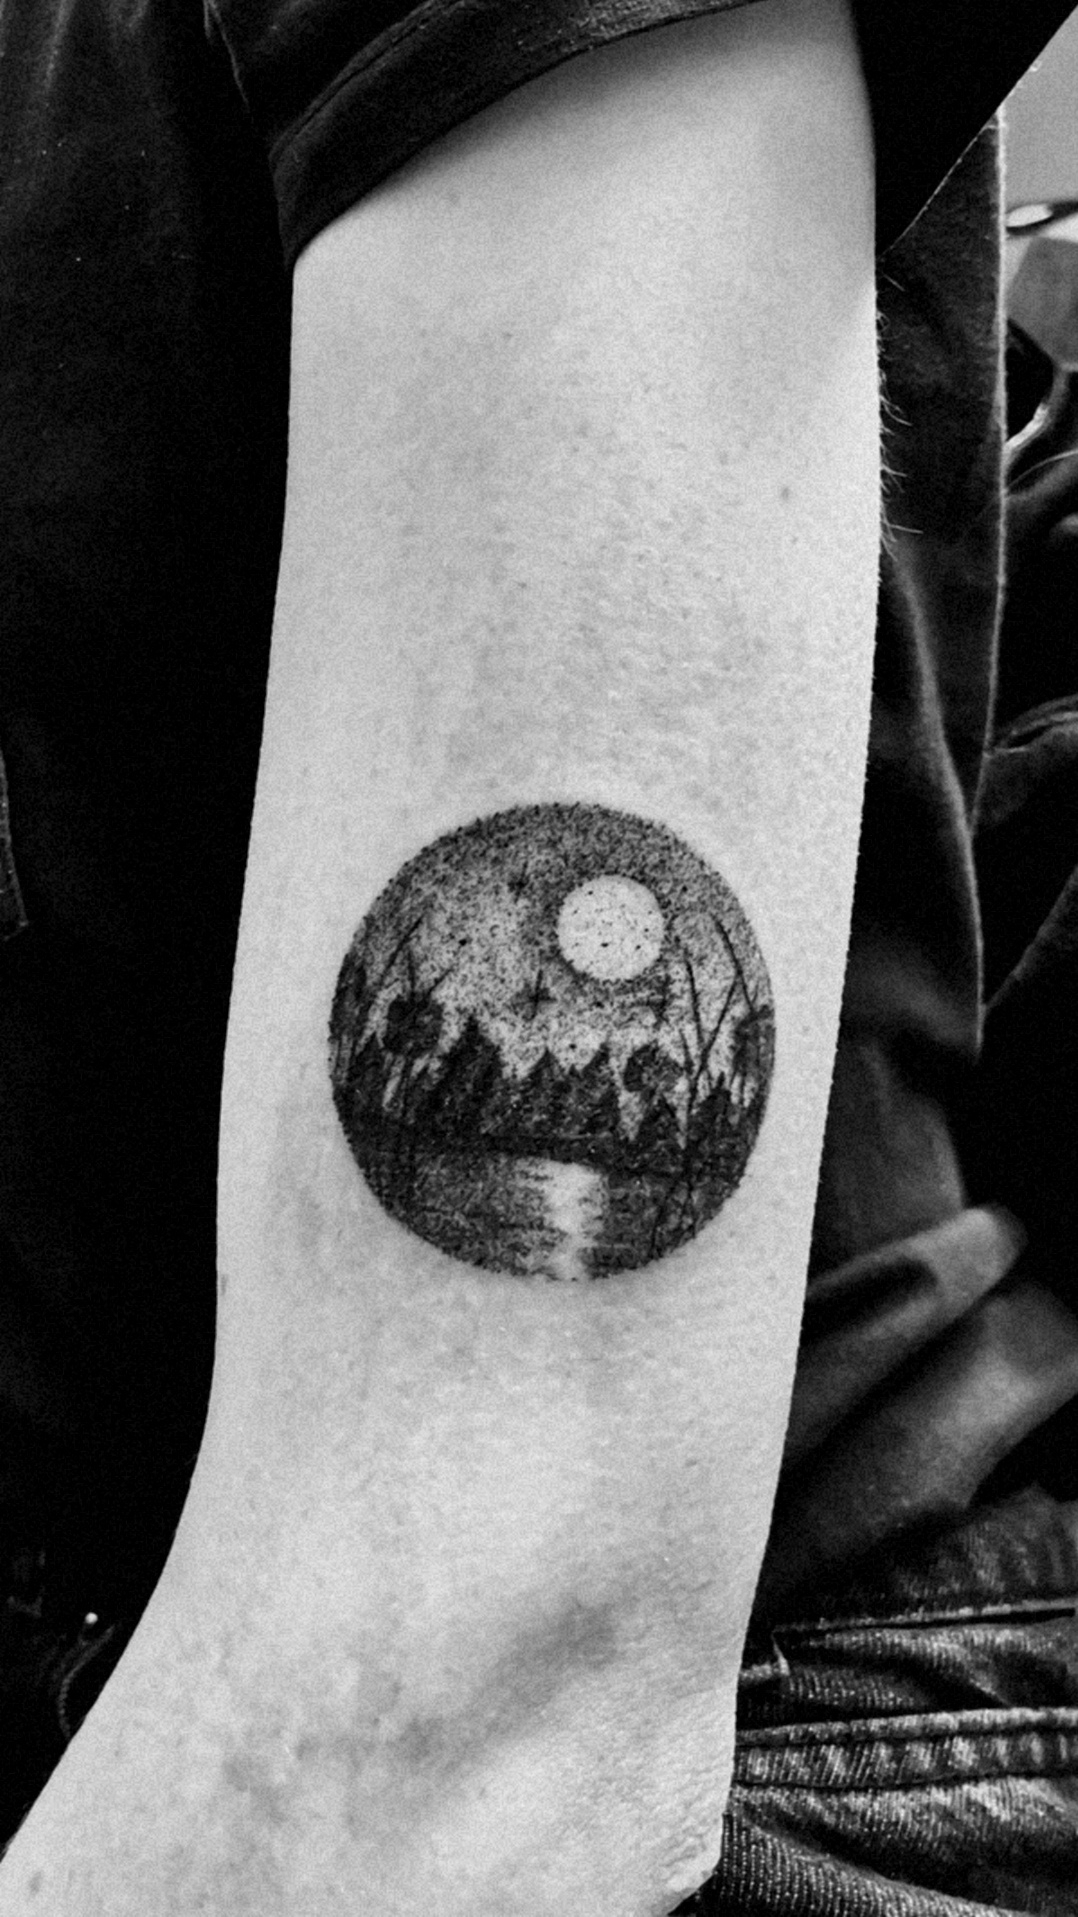 Inksearch tattoo marakuja tattoo